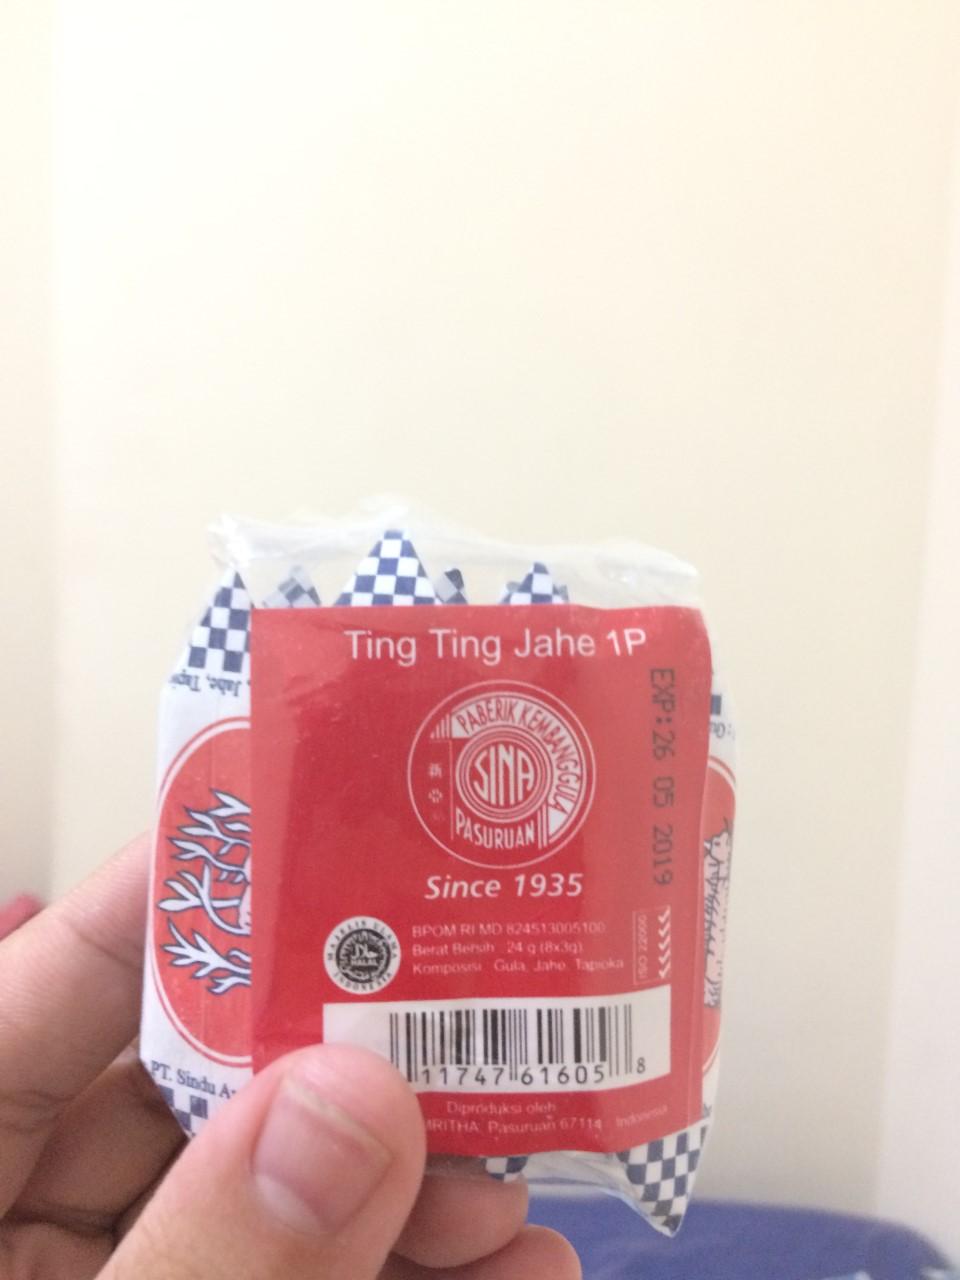 Jadoel Snack Shop Line Permen Sugus Ting Jahe 1p